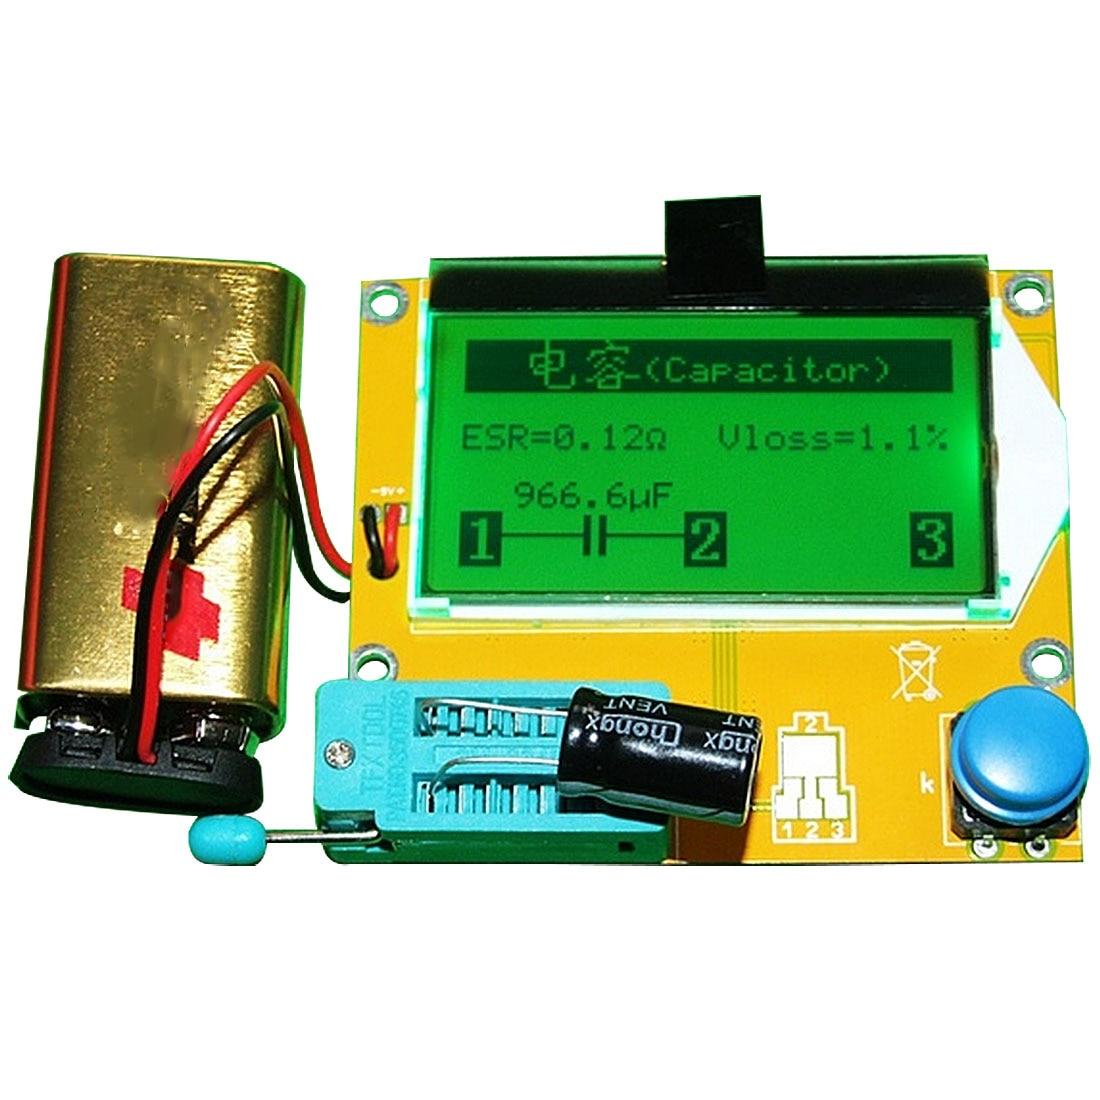 Backlight Diode Triode Capacitance ESR Meter M328 LCR-T4 12846 LCD Digital Transistor Tester Meter MOS/PNP/NPN L/C/R